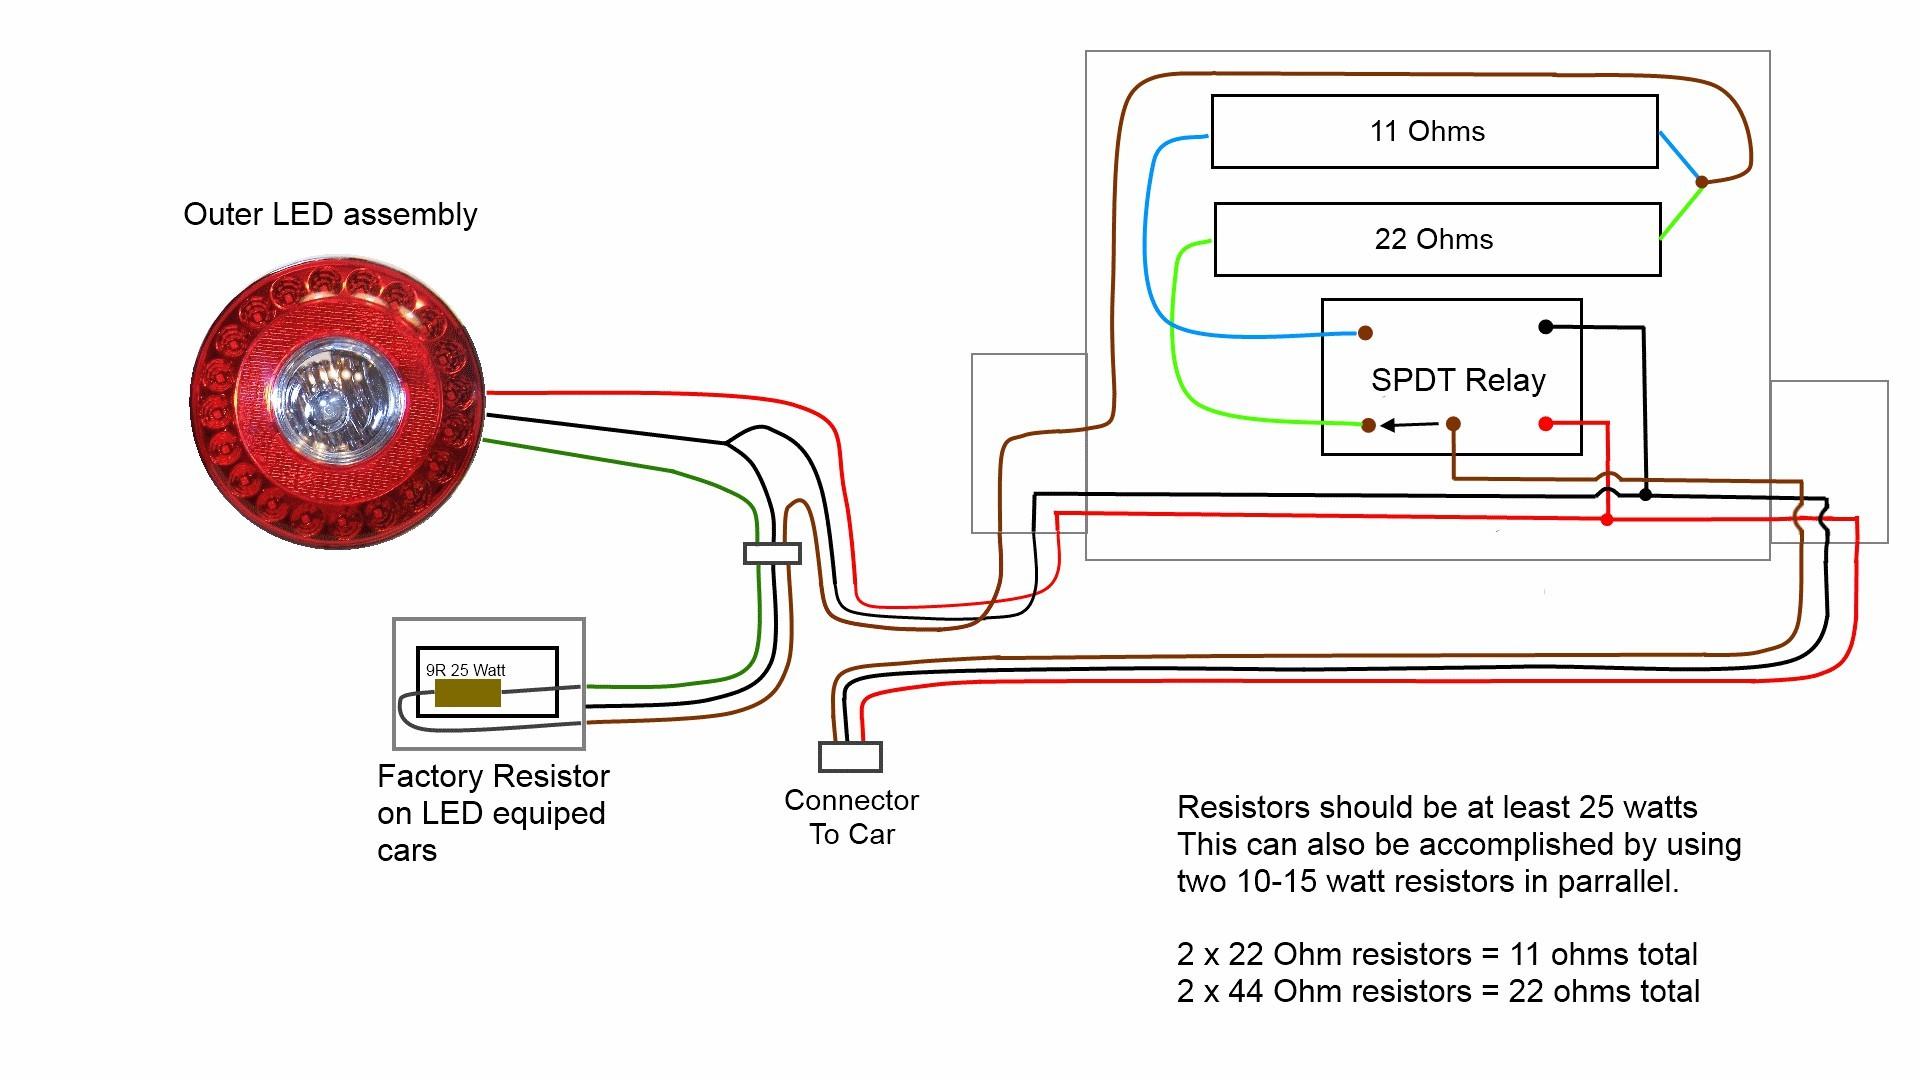 Turbocharger System Diagram Unique Light Wiring Diagram Diagram Of Turbocharger System Diagram